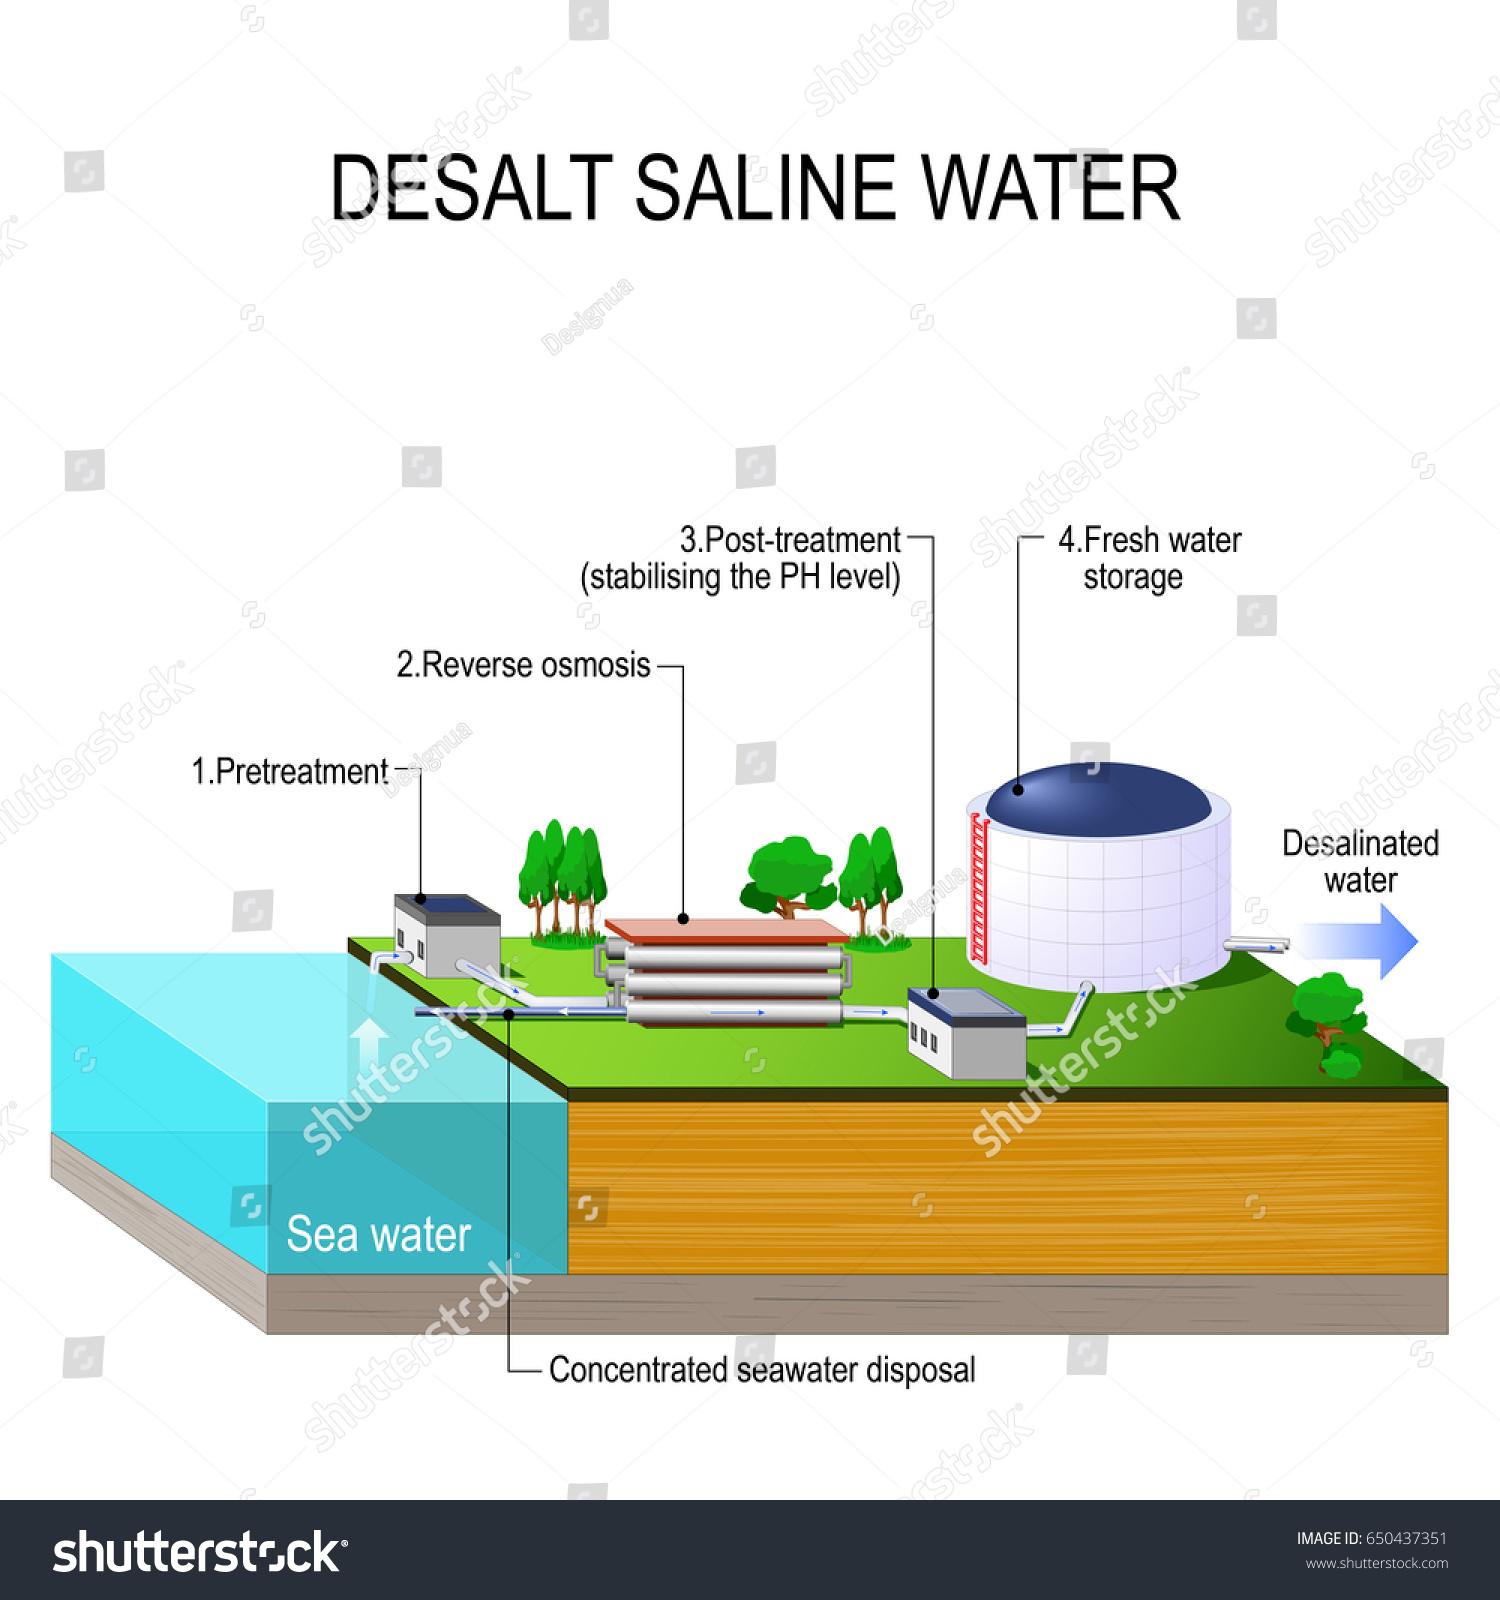 Desalination Plant Desalt Saline Water Vector Stock Vector